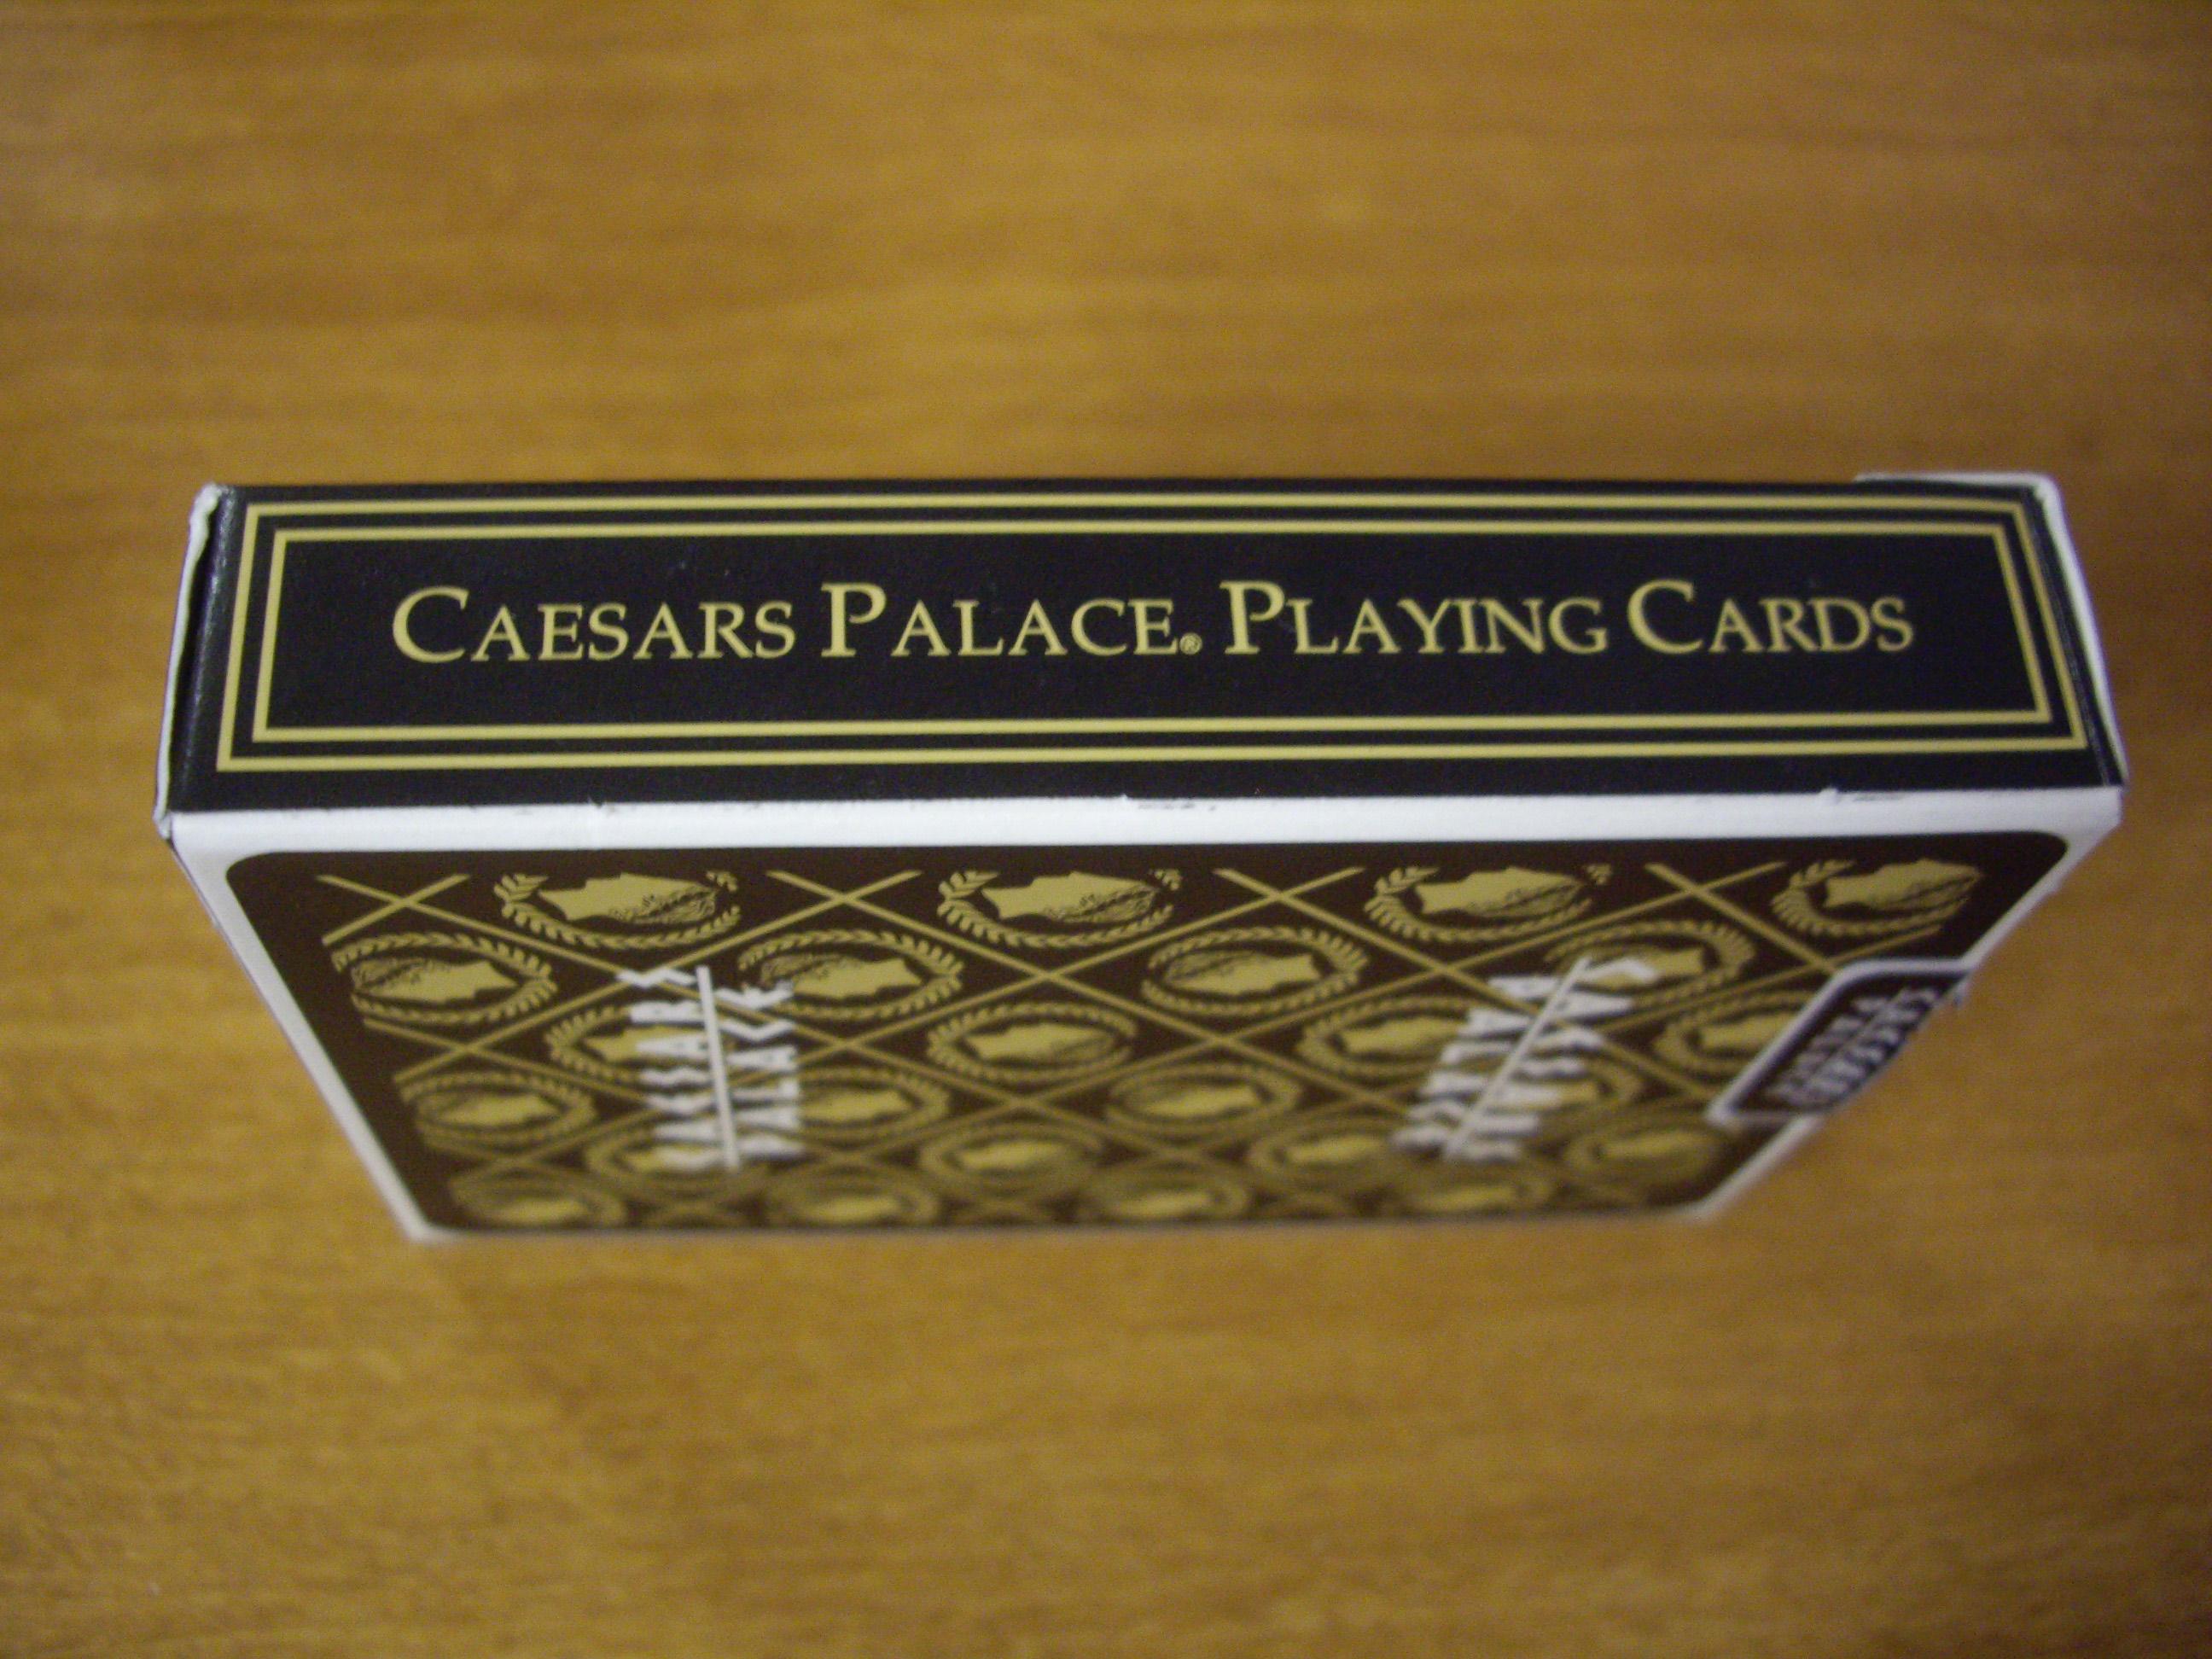 CAESARS PALACE CASINO PLAYING CARDS POKER SIZE REGULAR INDEX LINEN FINISH SEALED